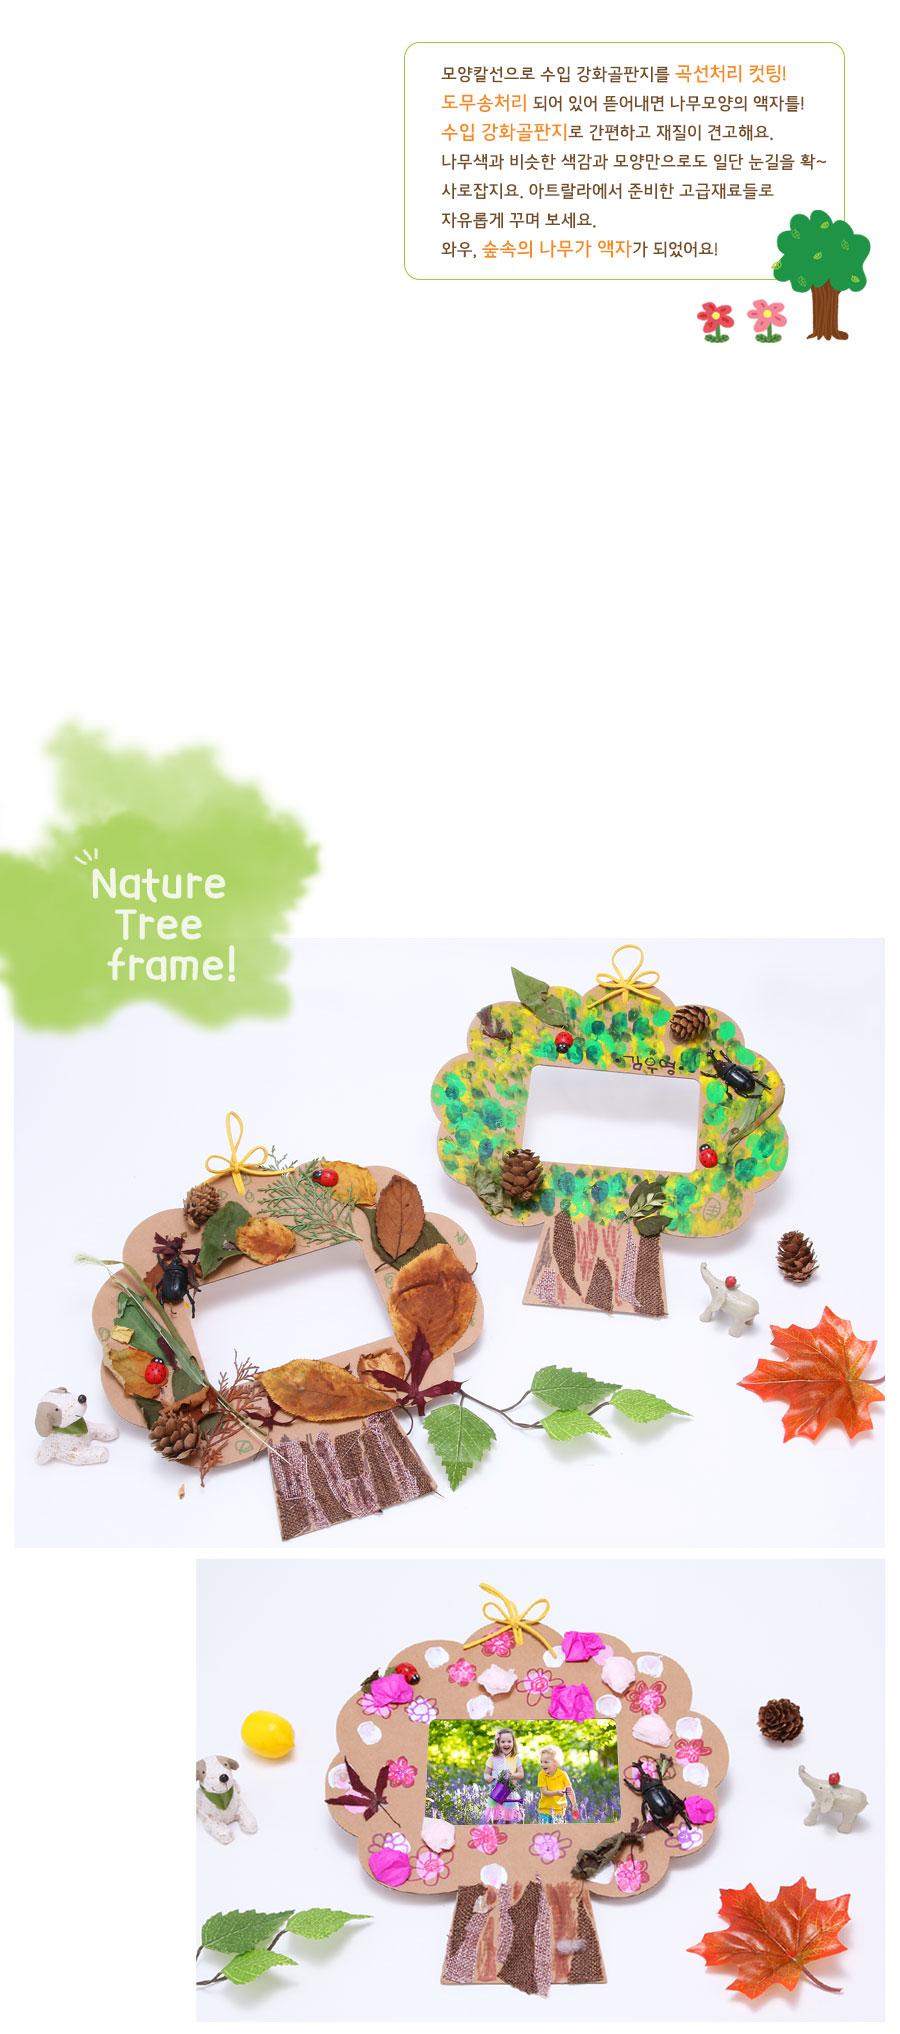 나무야 종이나무만들기(5인용) - 아트랄라, 9,800원, 전통/염색공예, 기타소품 패키지